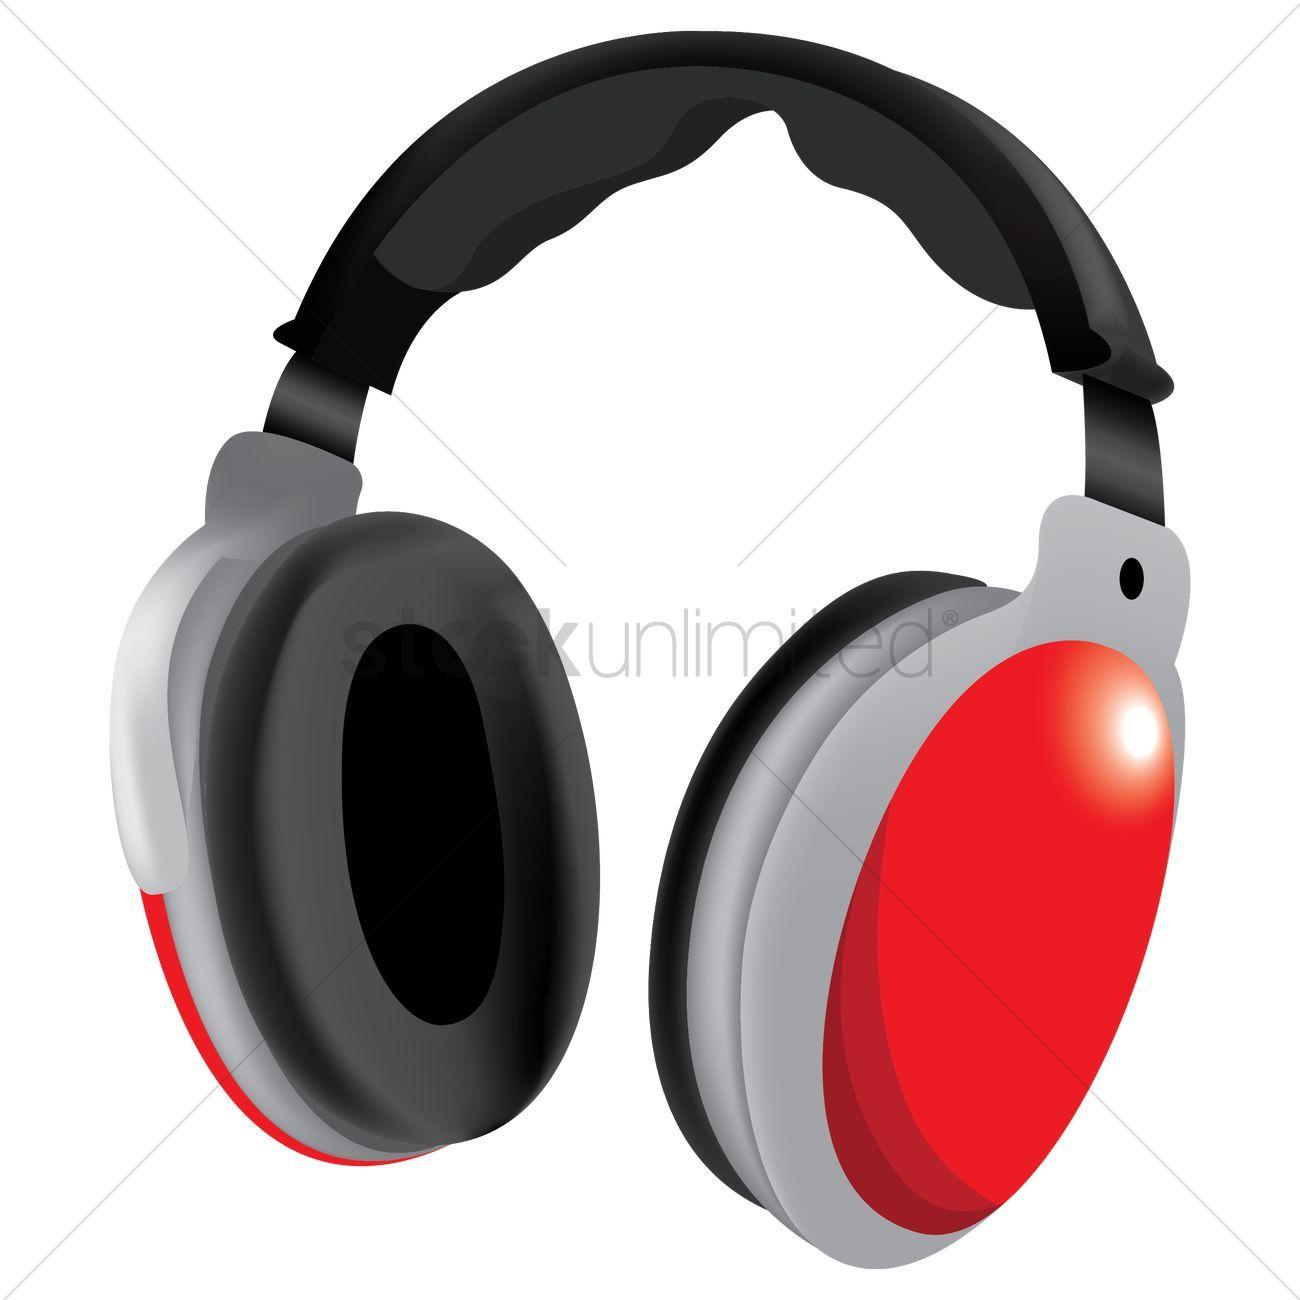 Headphones vectors, stock clipart , #SPONSORED, #vectors, #Headphones, #clipart, #stock #affiliate